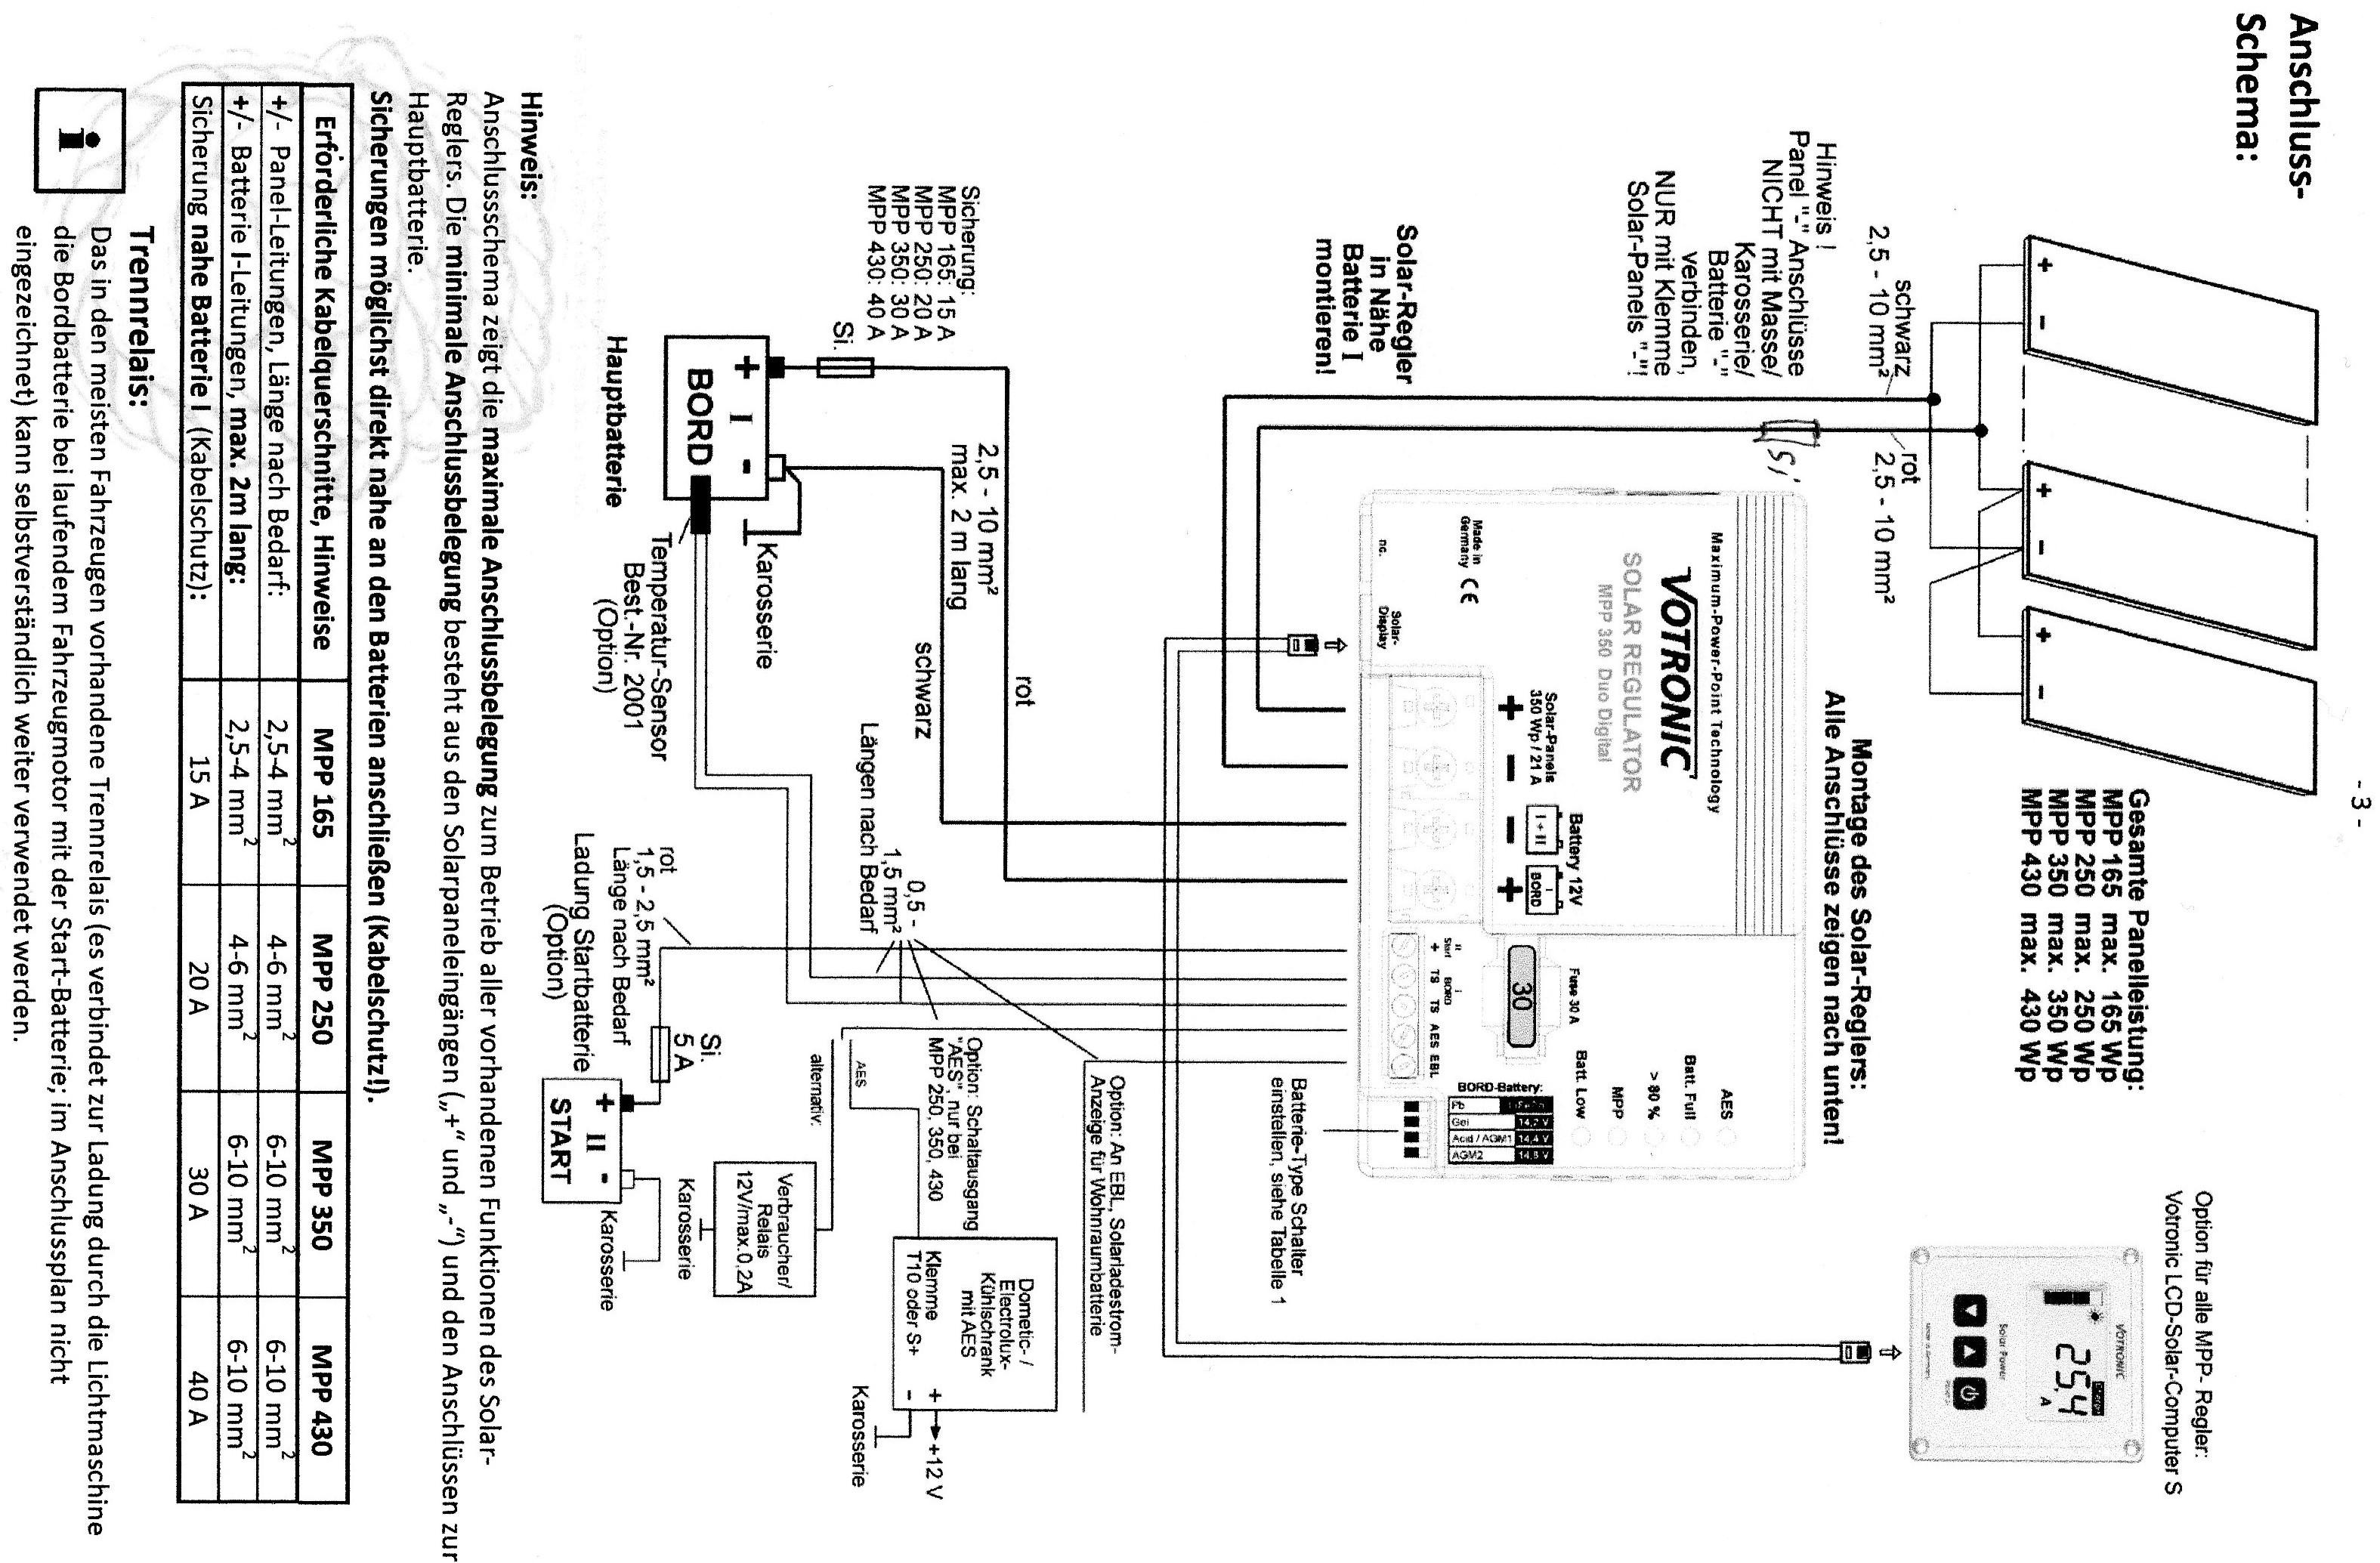 hymer caravan wiring diagram